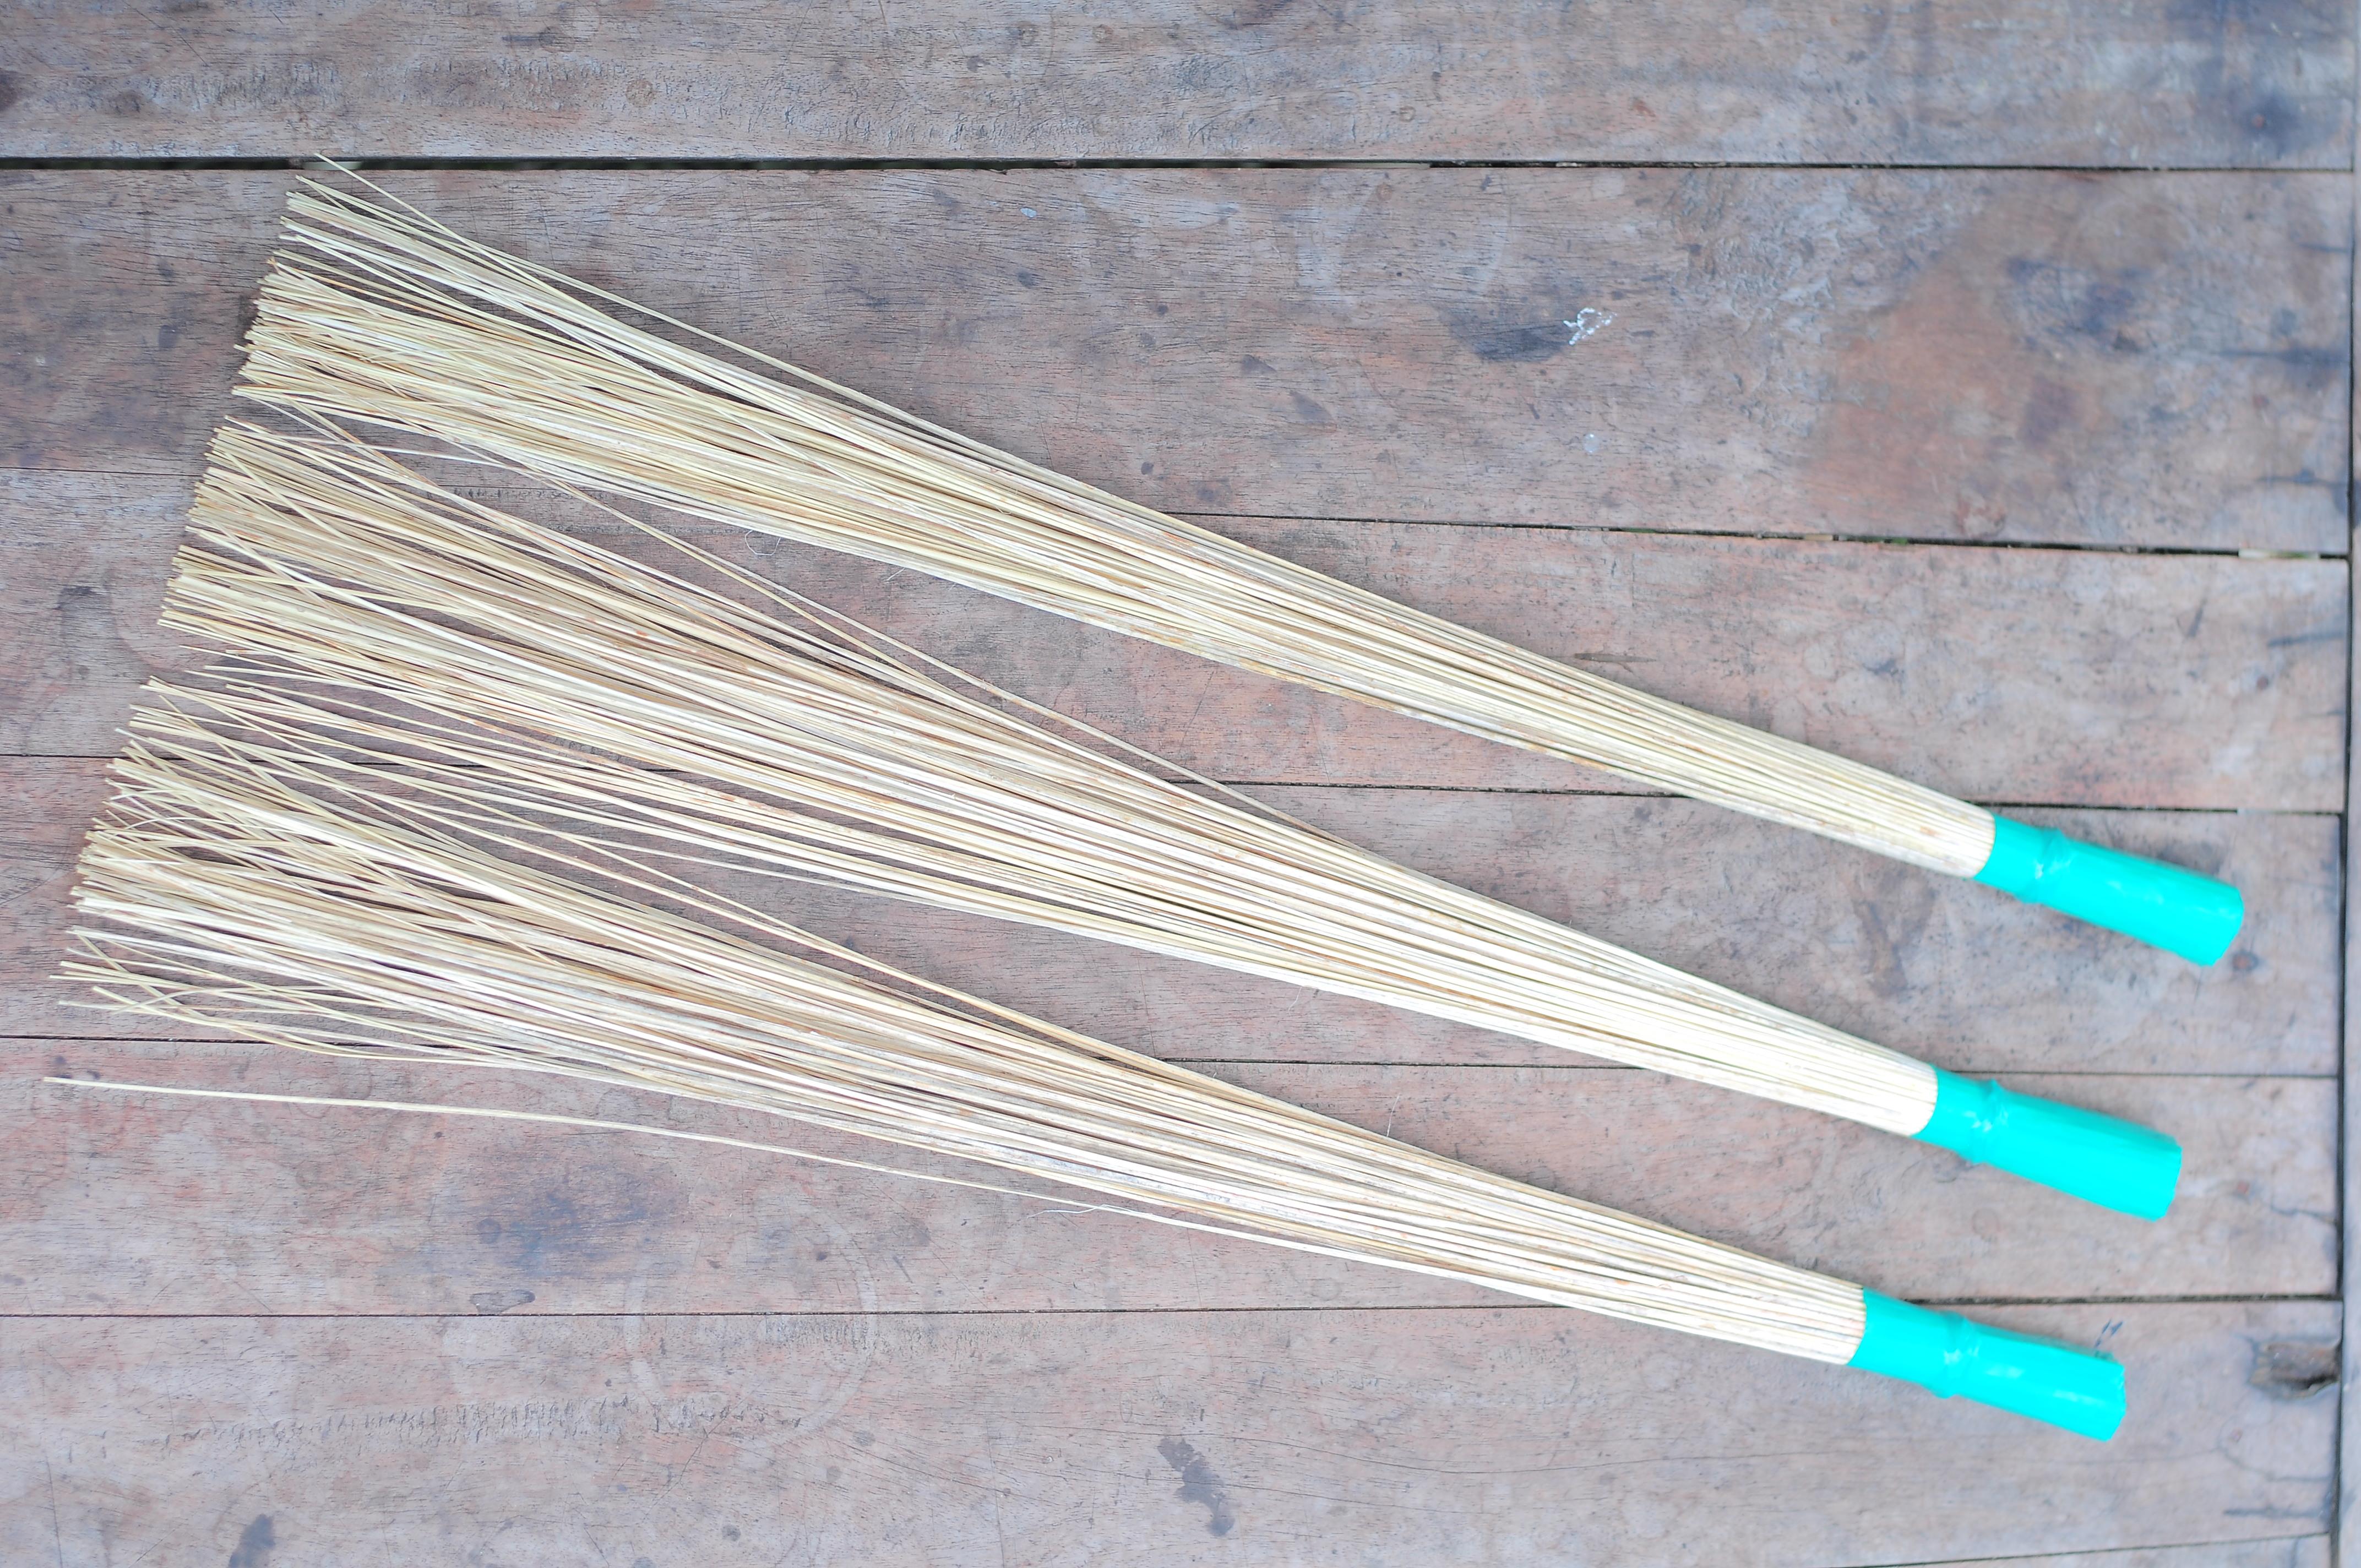 harga sapu lidi gagang,jual sapu lidi gagang,sapu lidi kasur,www.pusathandicrft.com,+6285726293745